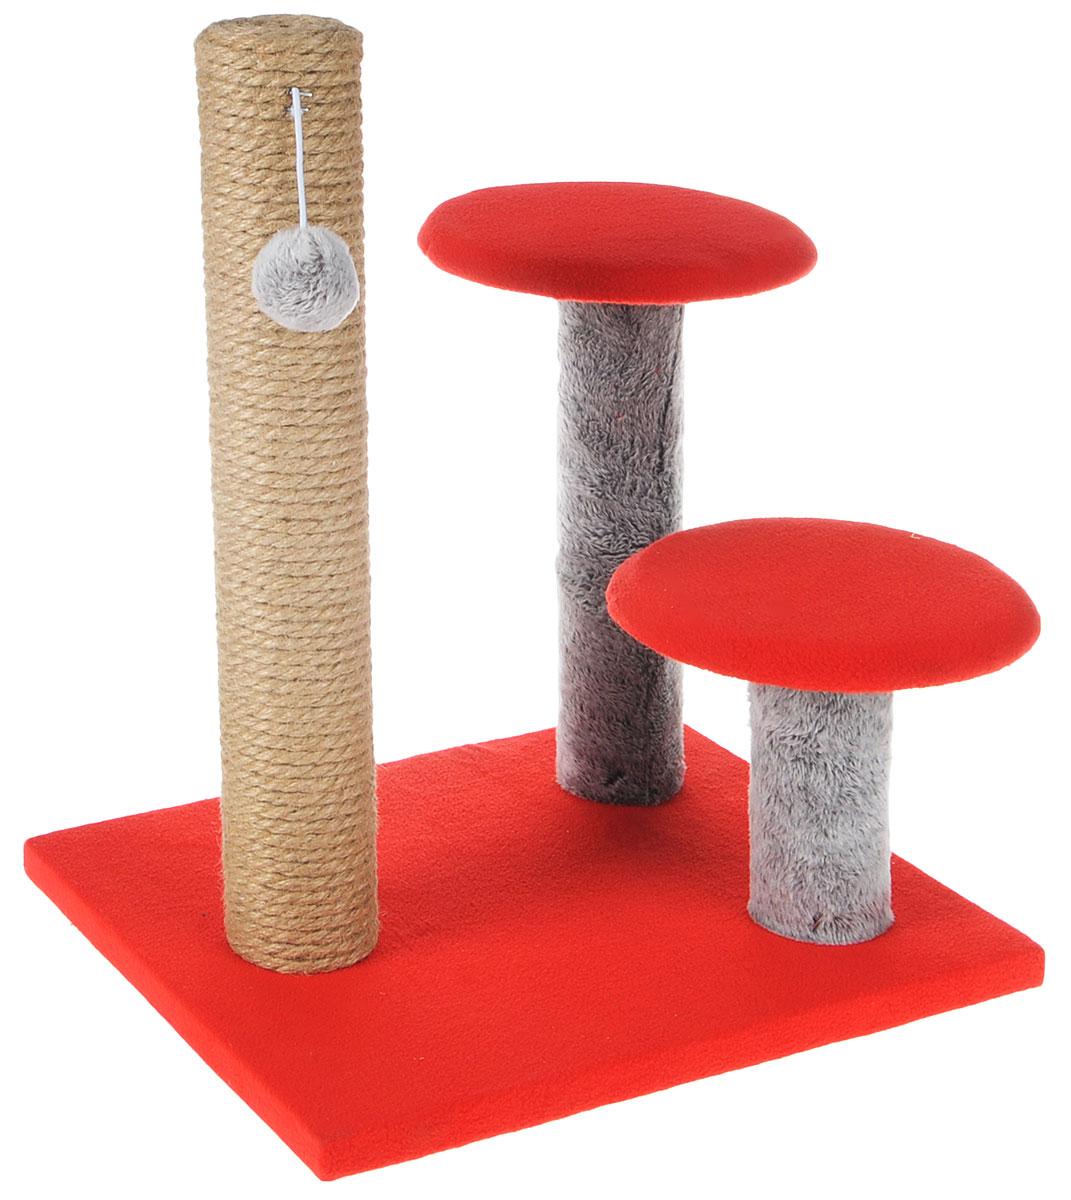 Игровой комплекс для кошек Грызлик Ам Грибы, цвет: красный, серый, 30 х 35 x 40 см0120710Игровой комплекс для кошек Грызлик Ам Грибы выполнен из высококачественного МДФ и обтянут плюшем. Комплекс состоит из нескольких элементов. Джутовая когтеточка-столбик обеспечит естественный уход за когтями питомца, поэтому теперь ваша мебель и стены будут в сохранности. Для игр предусмотрена игрушка-шарик на веревочке. Две круглые платформы удобны для наблюдений за происходящим.Функциональный игровой комплекс станет излюбленным местом вашего питомца. Оригинальный дизайн отлично впишется в интерьер помещения. Диаметр круглых полок: 18 см. Высота когтеточки: 38 см.